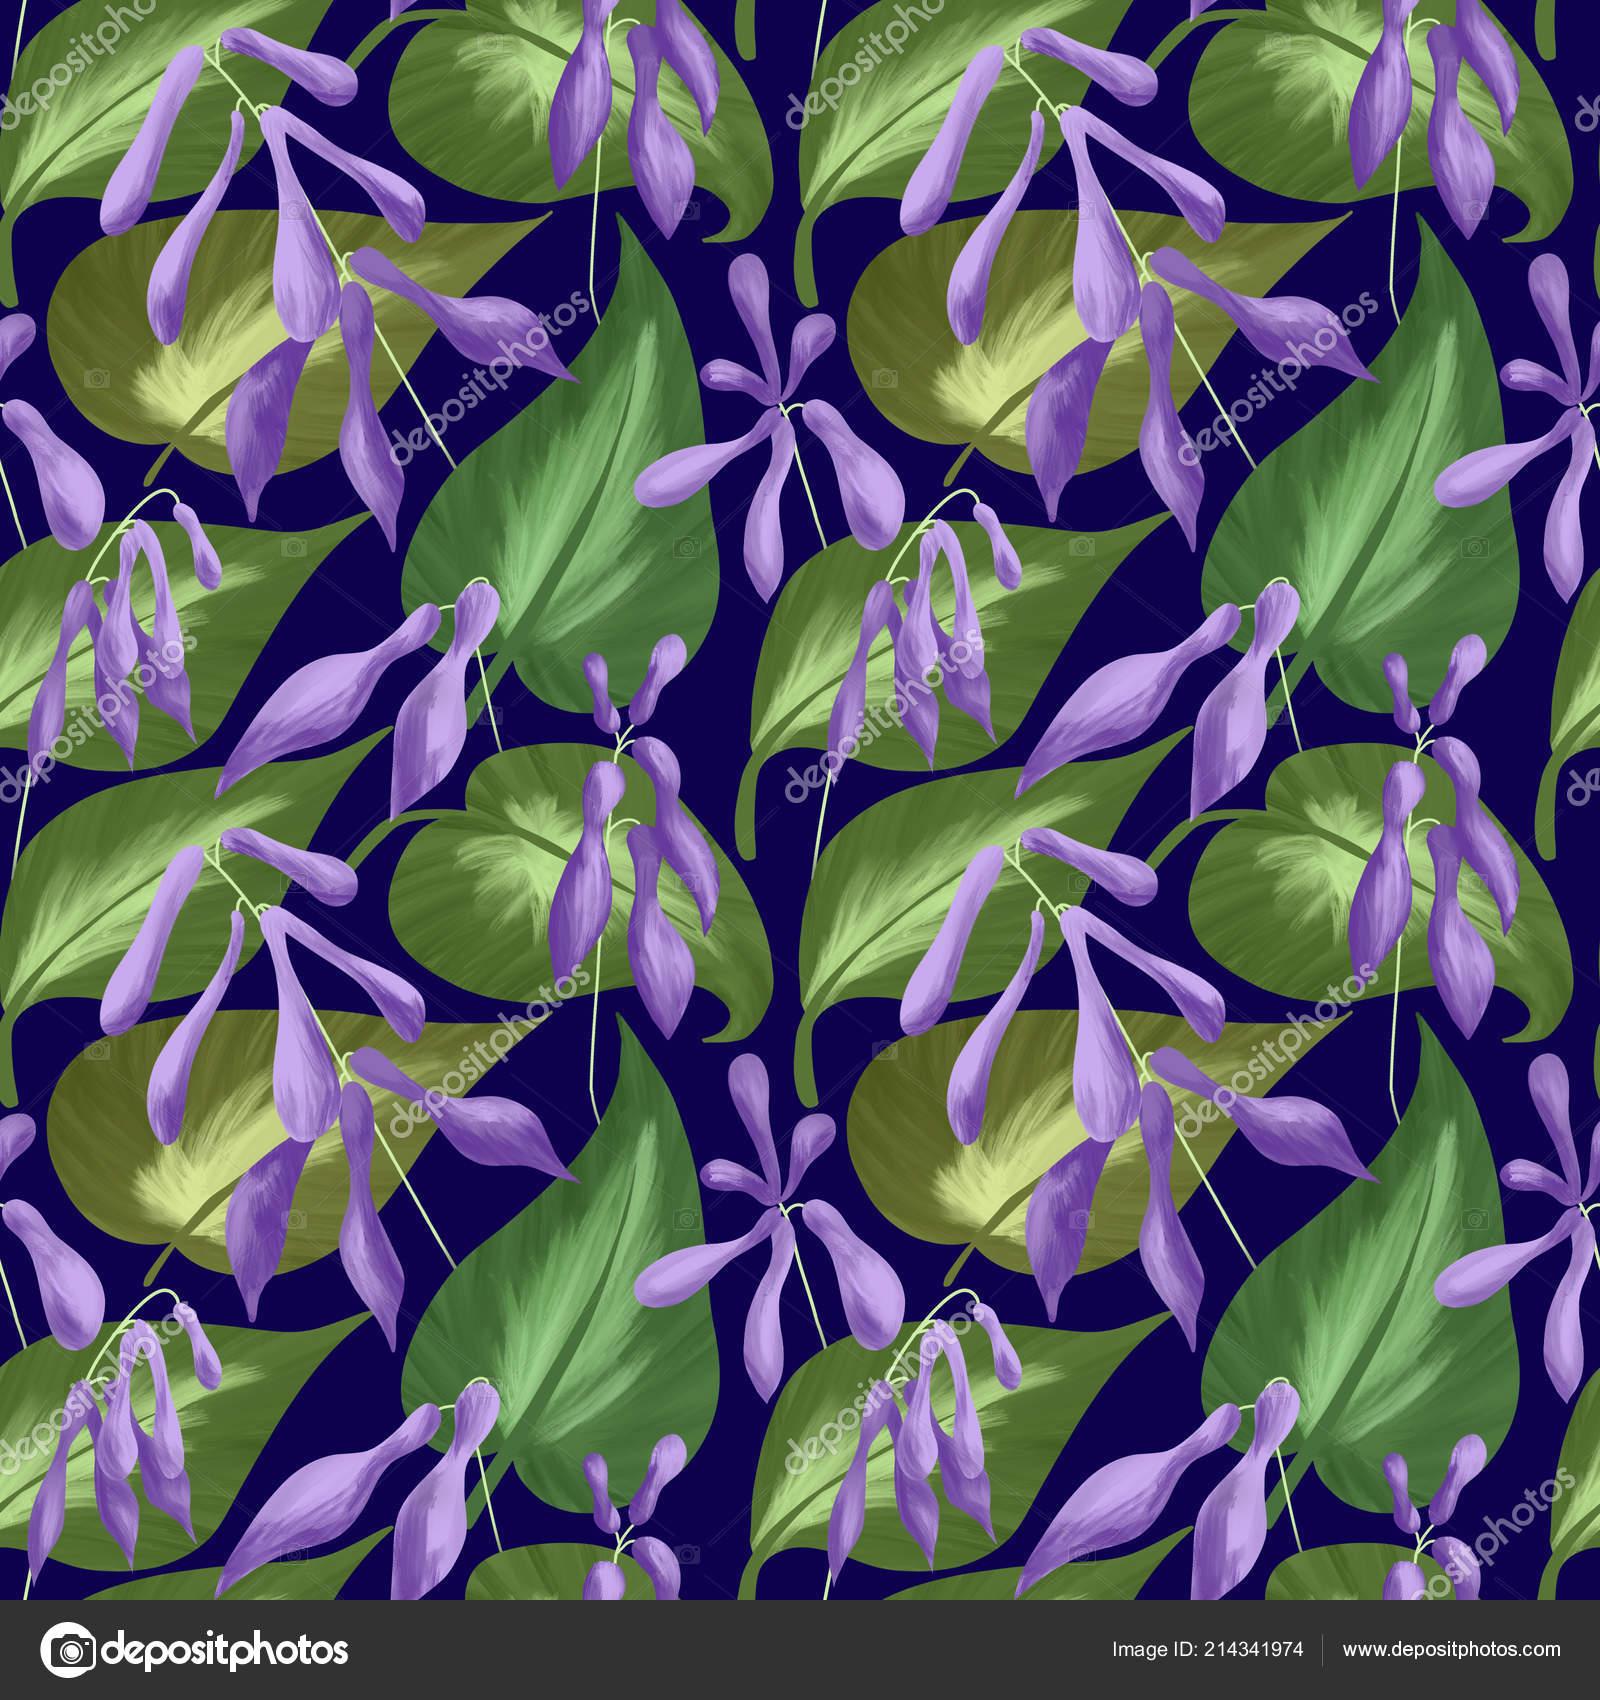 Seamless Pattern Leaves Flowers Hostas Dark Blue Background Digital